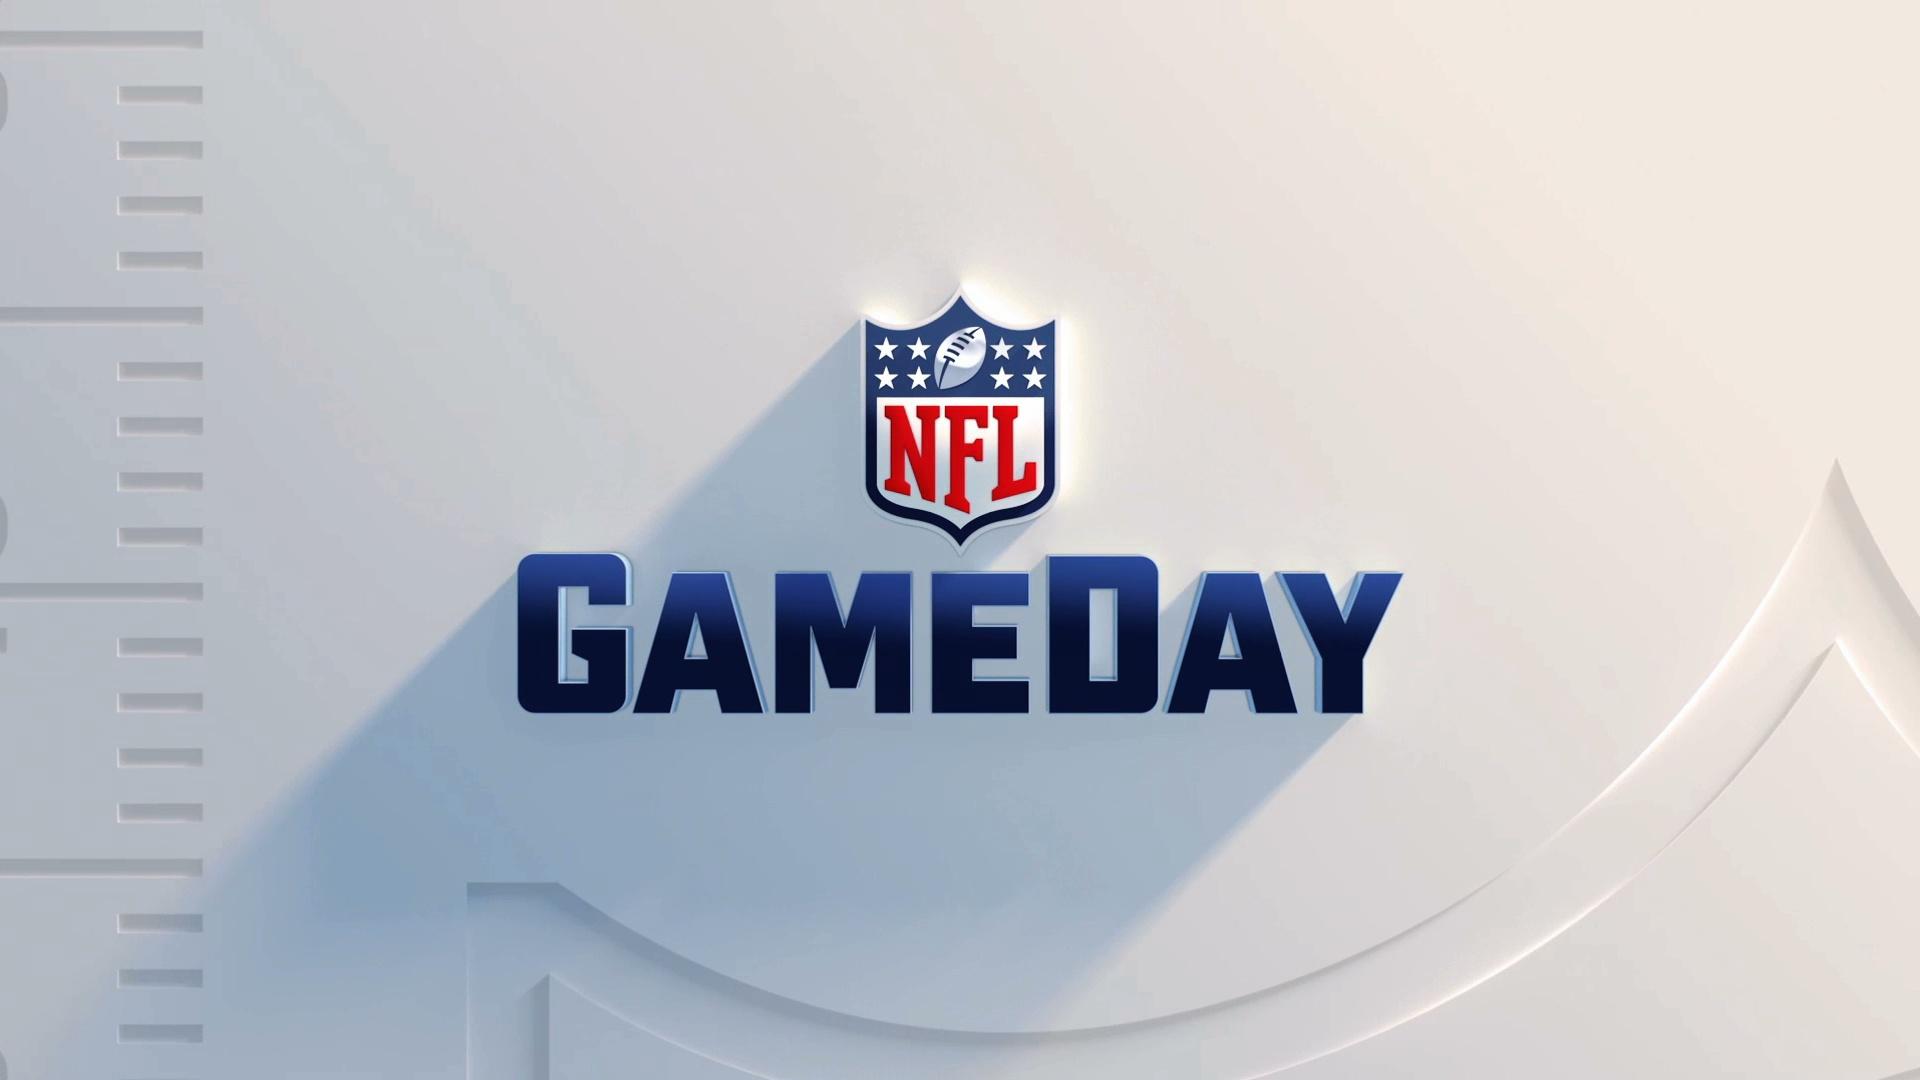 Thumbnail for NFL GameDay Brand Refresh